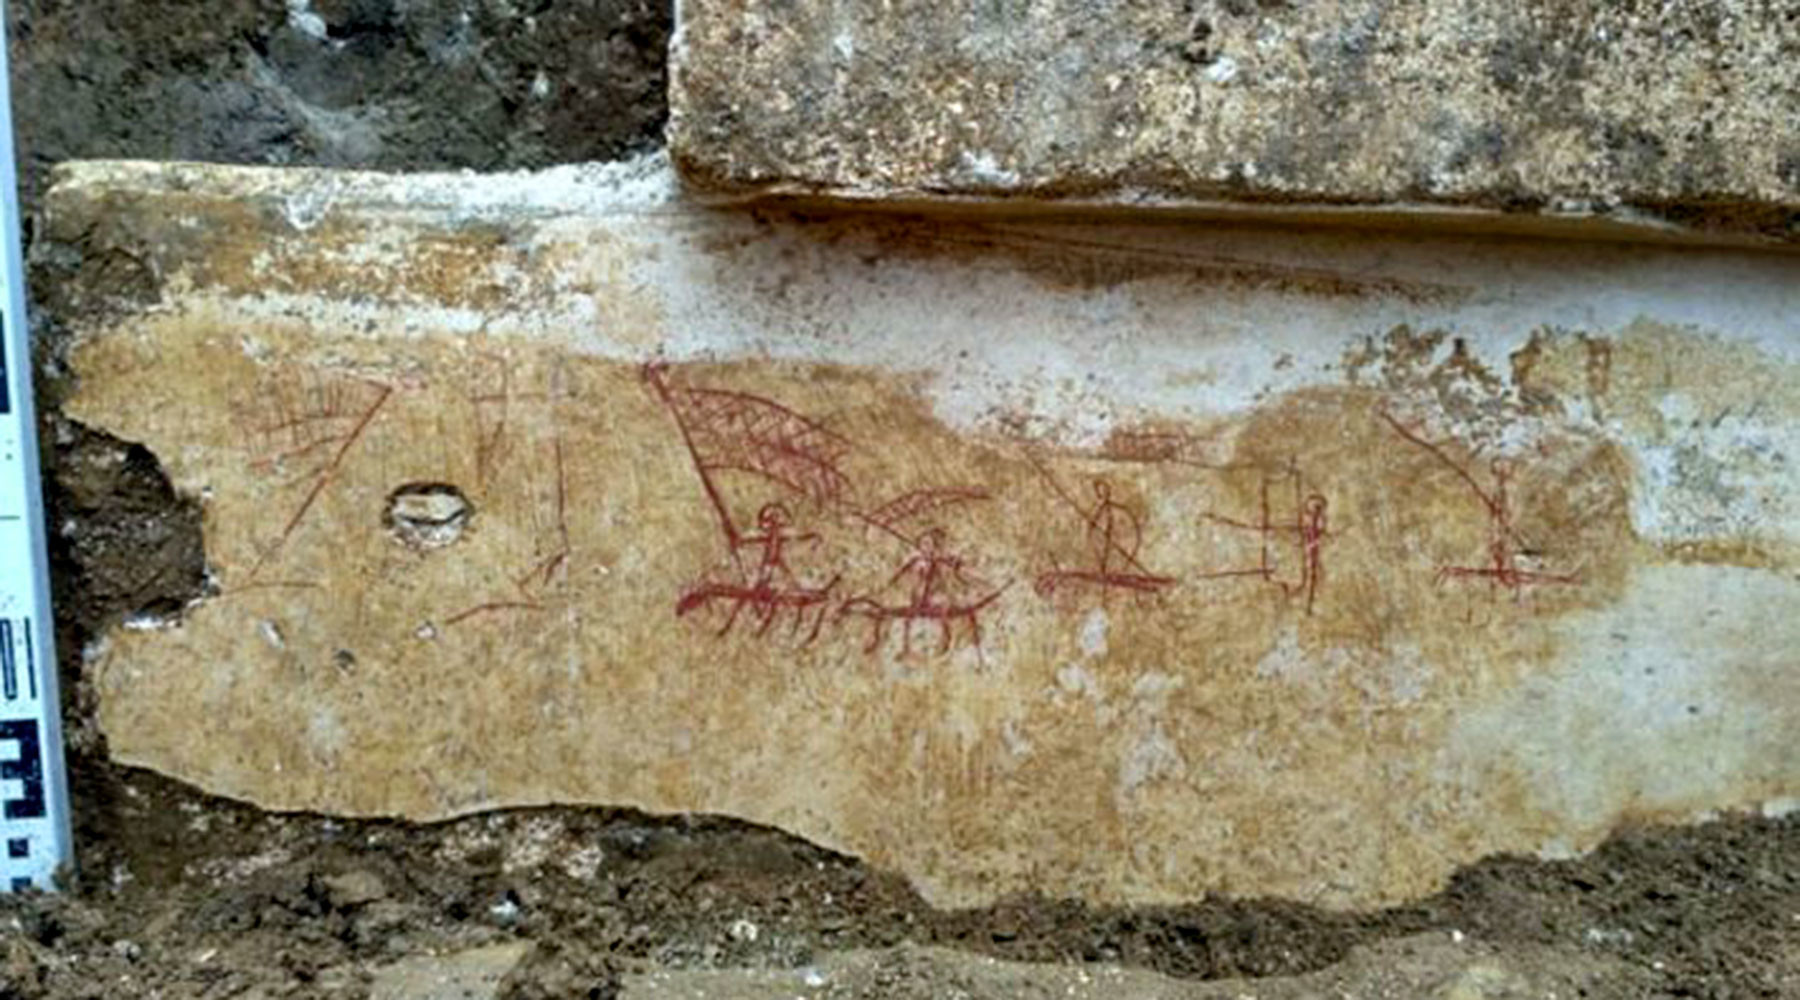 Археологи нашли в Крыму уникальные рисунки III-V веков нашей эры